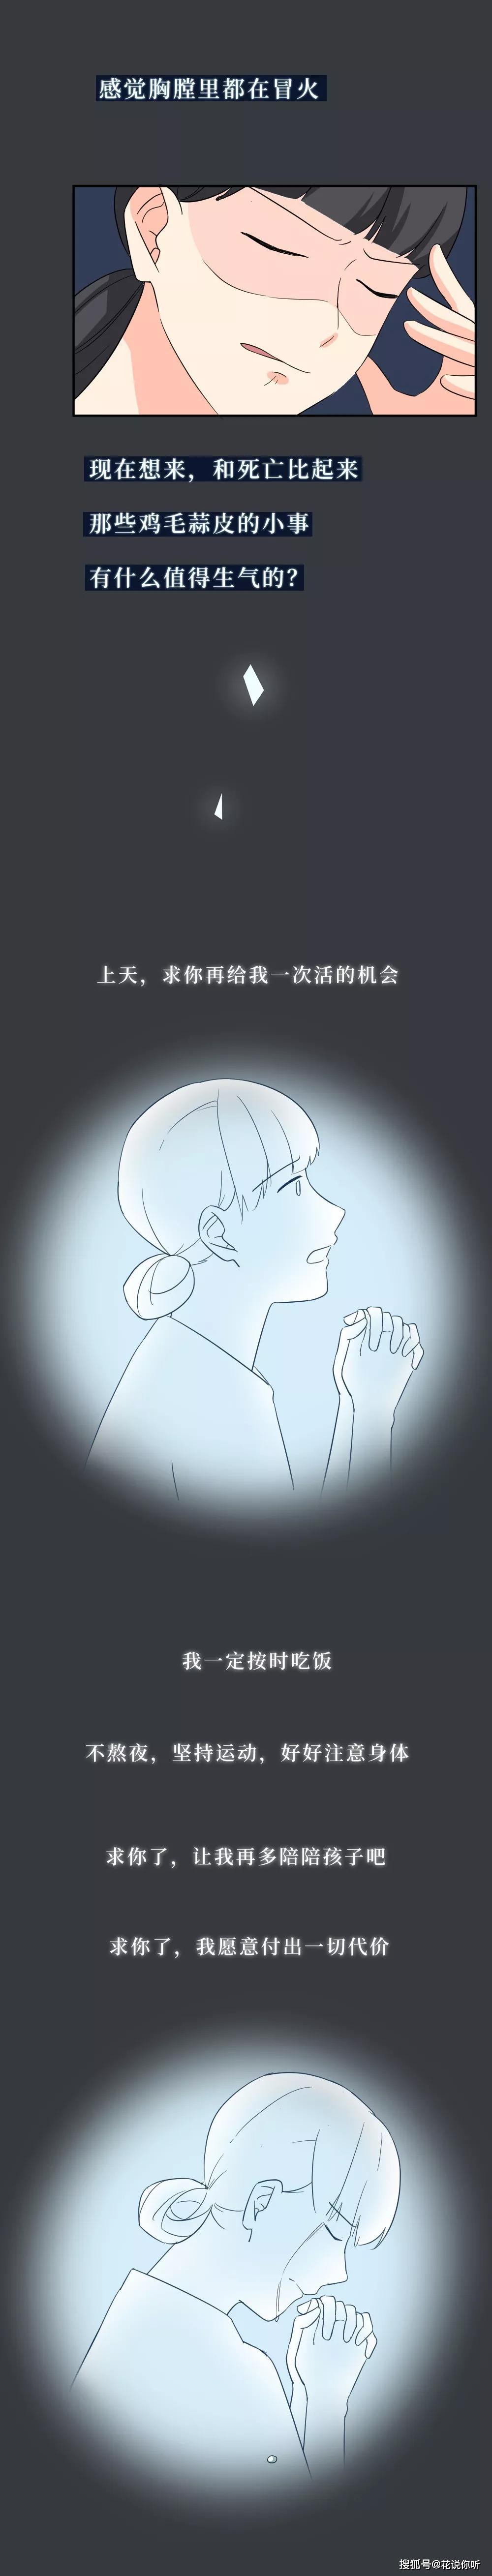 32岁妈妈深夜猝死,丈夫聊天记录曝光:2020年,千万别拿命开玩笑!